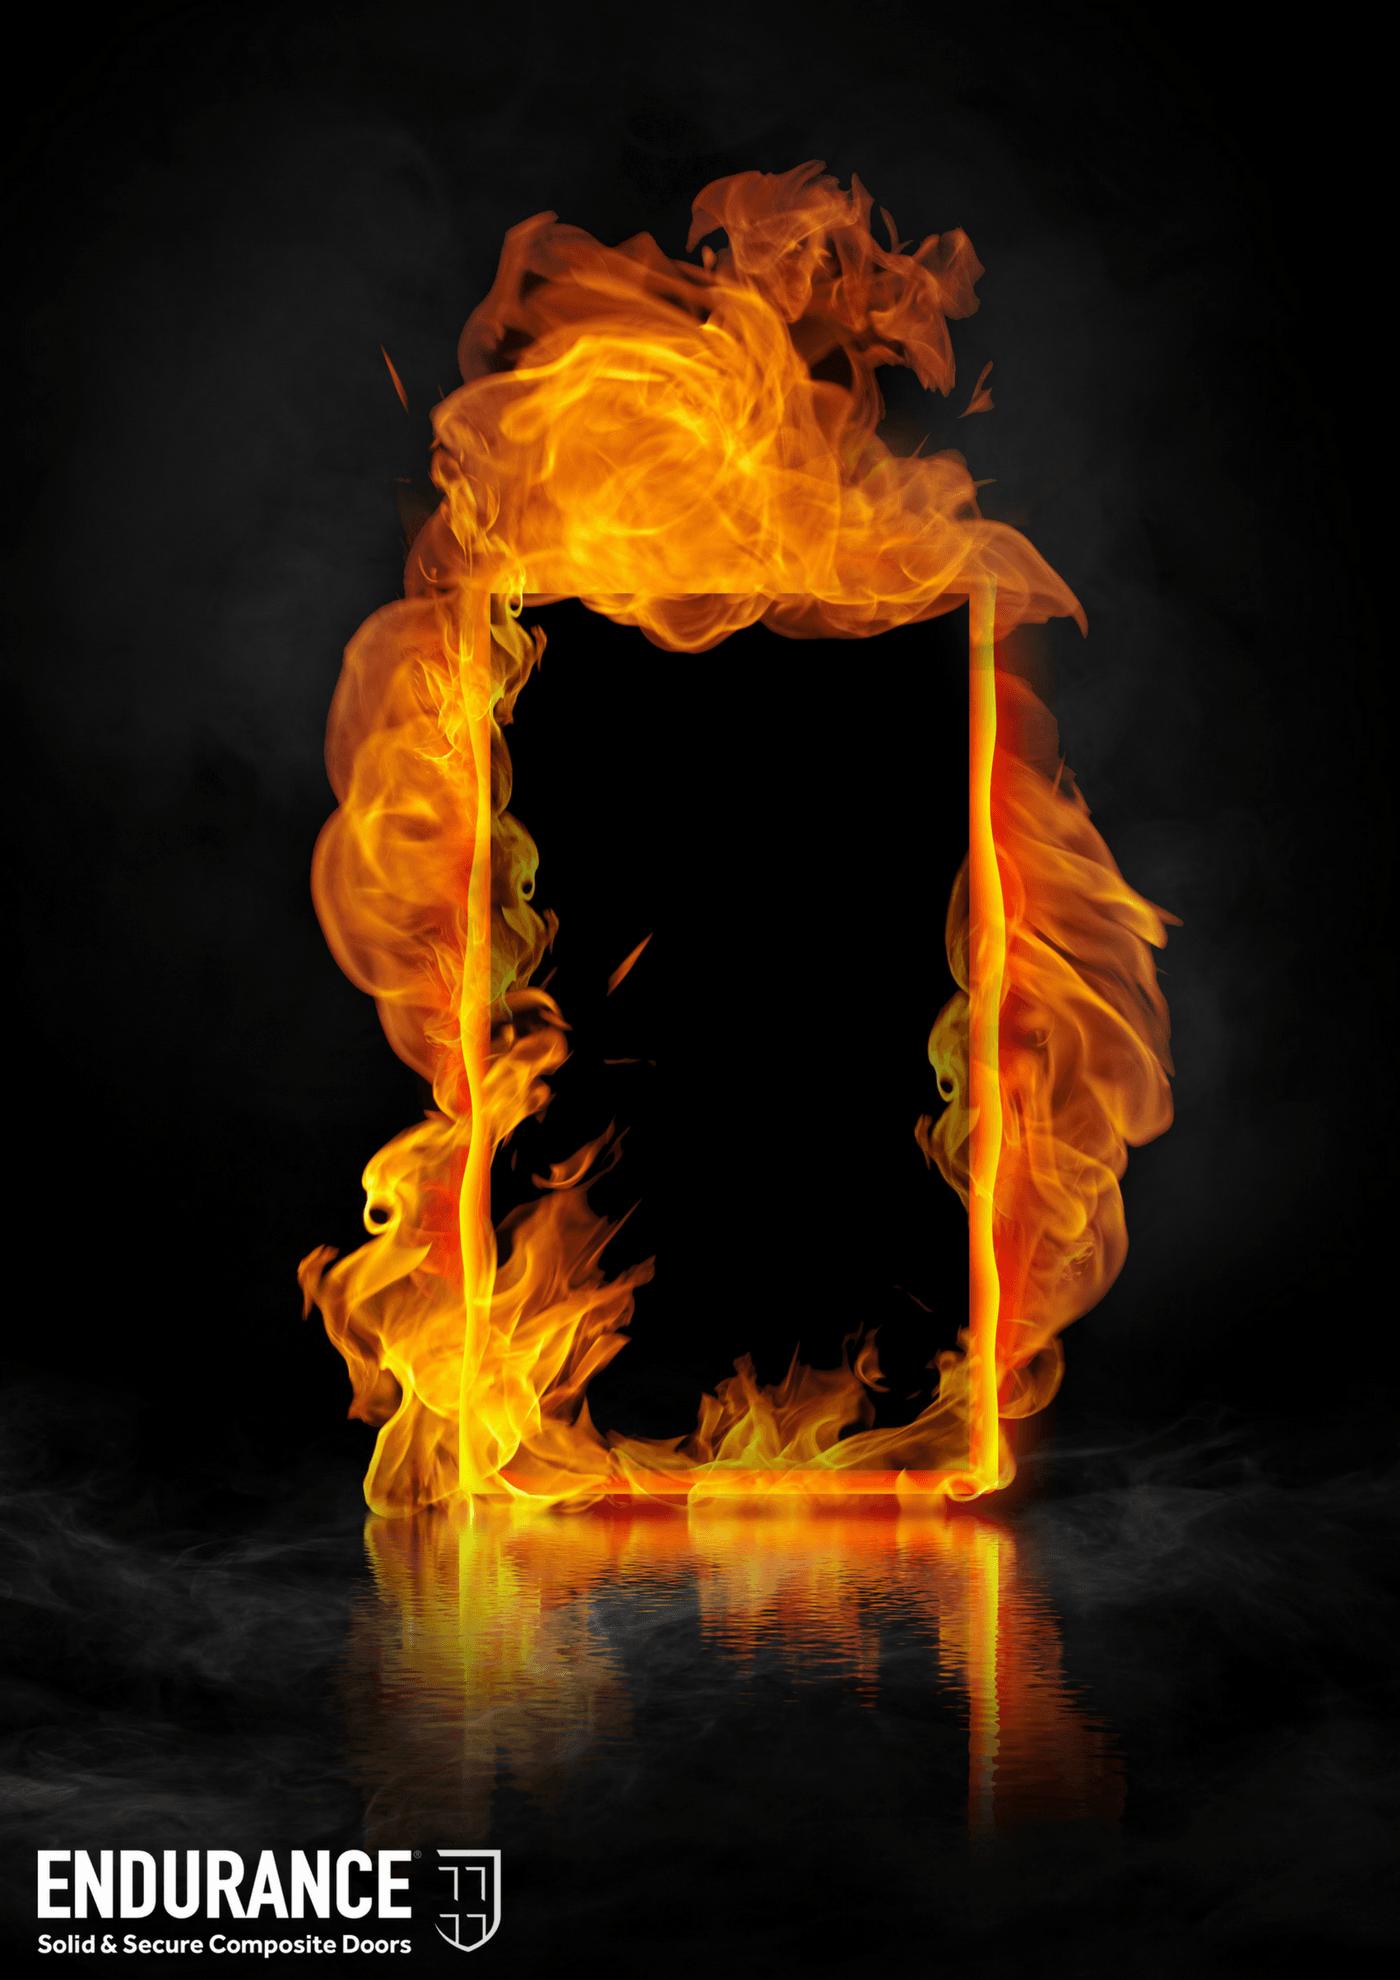 Endurance Fd30s Fire Doors Fire Door Safety Week 25 9 17